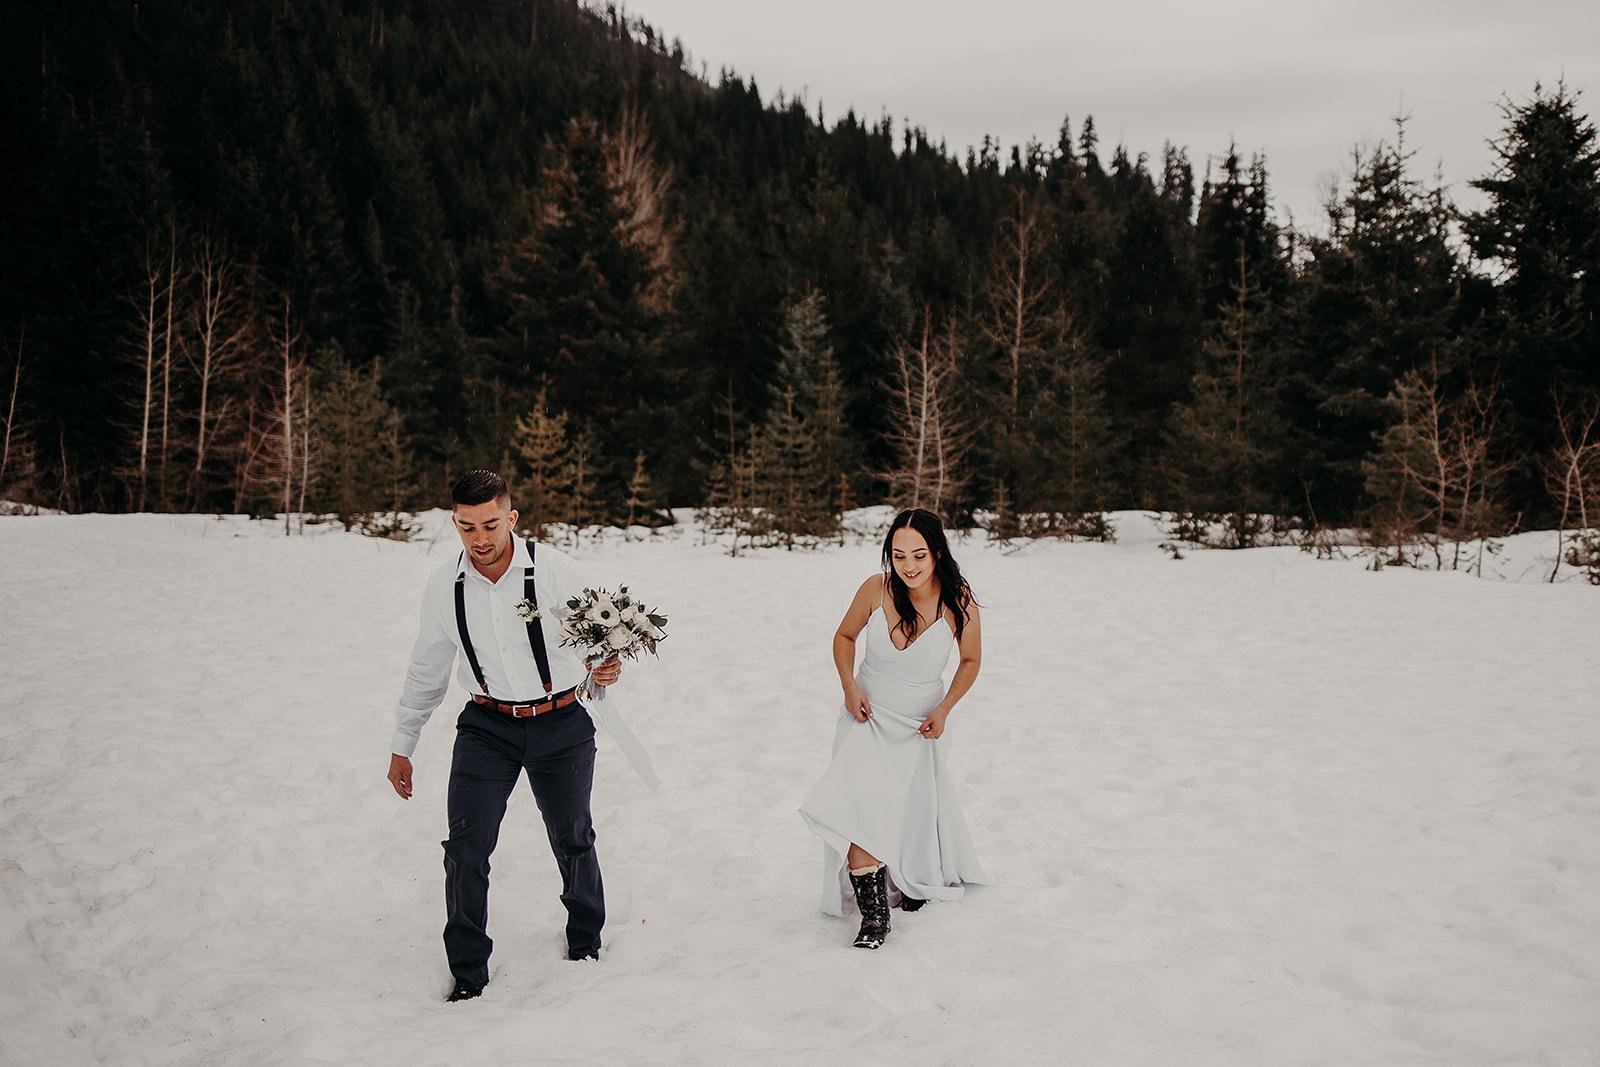 winter-mountain-elopement-asheville-wedding-photographer-megan-gallagher-photographer (17).jpg